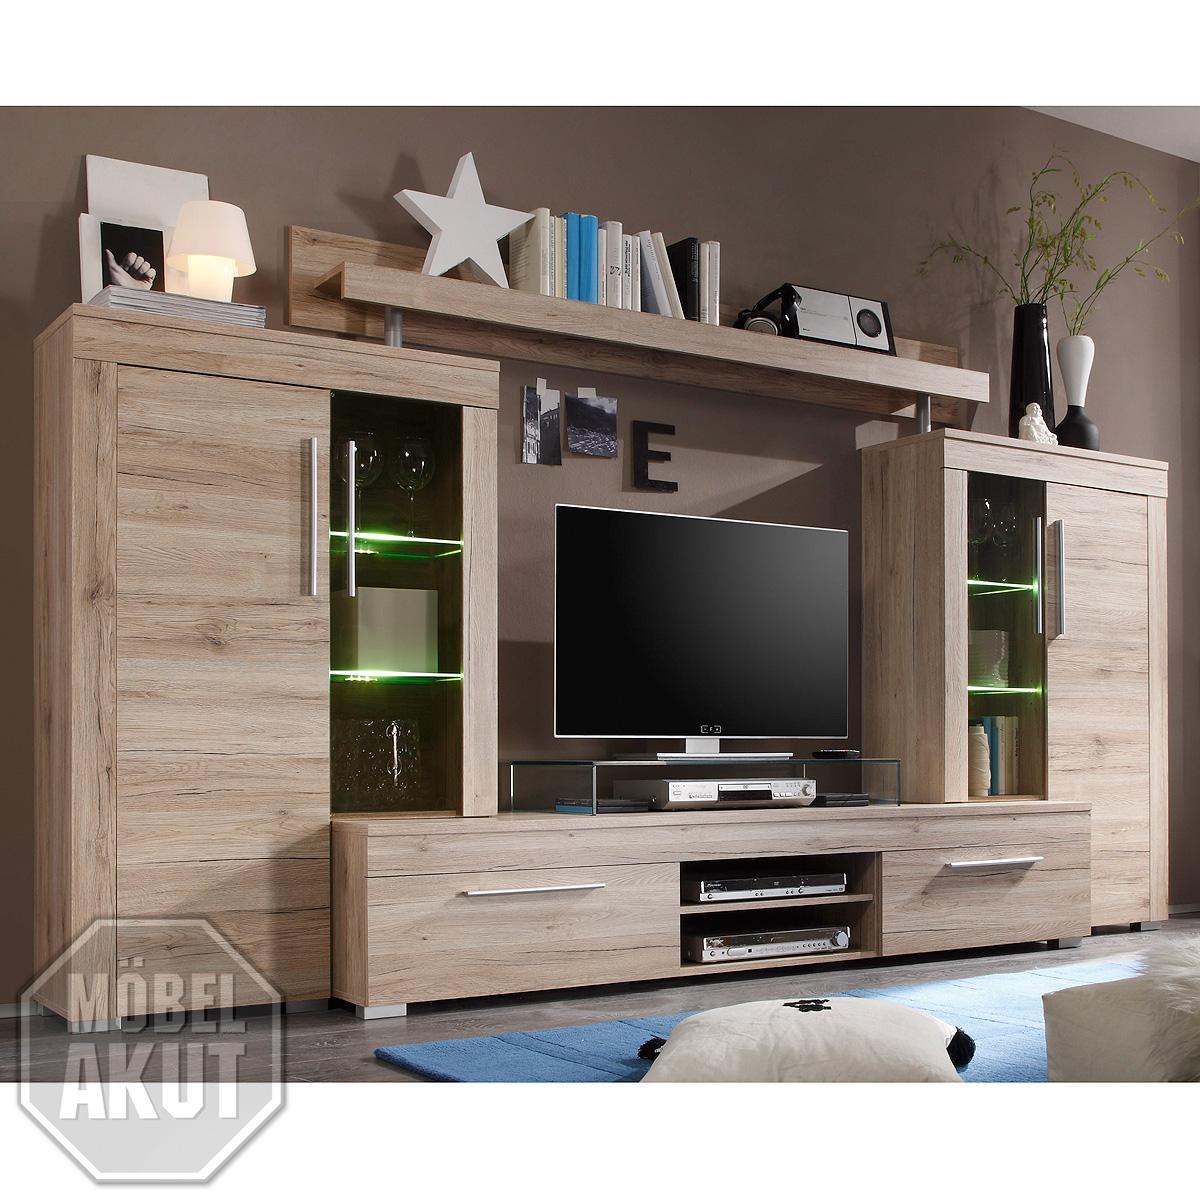 wohnwand 2 boom anbauwand wohnzimmer san remo eiche hell mit beleuchtung ebay. Black Bedroom Furniture Sets. Home Design Ideas